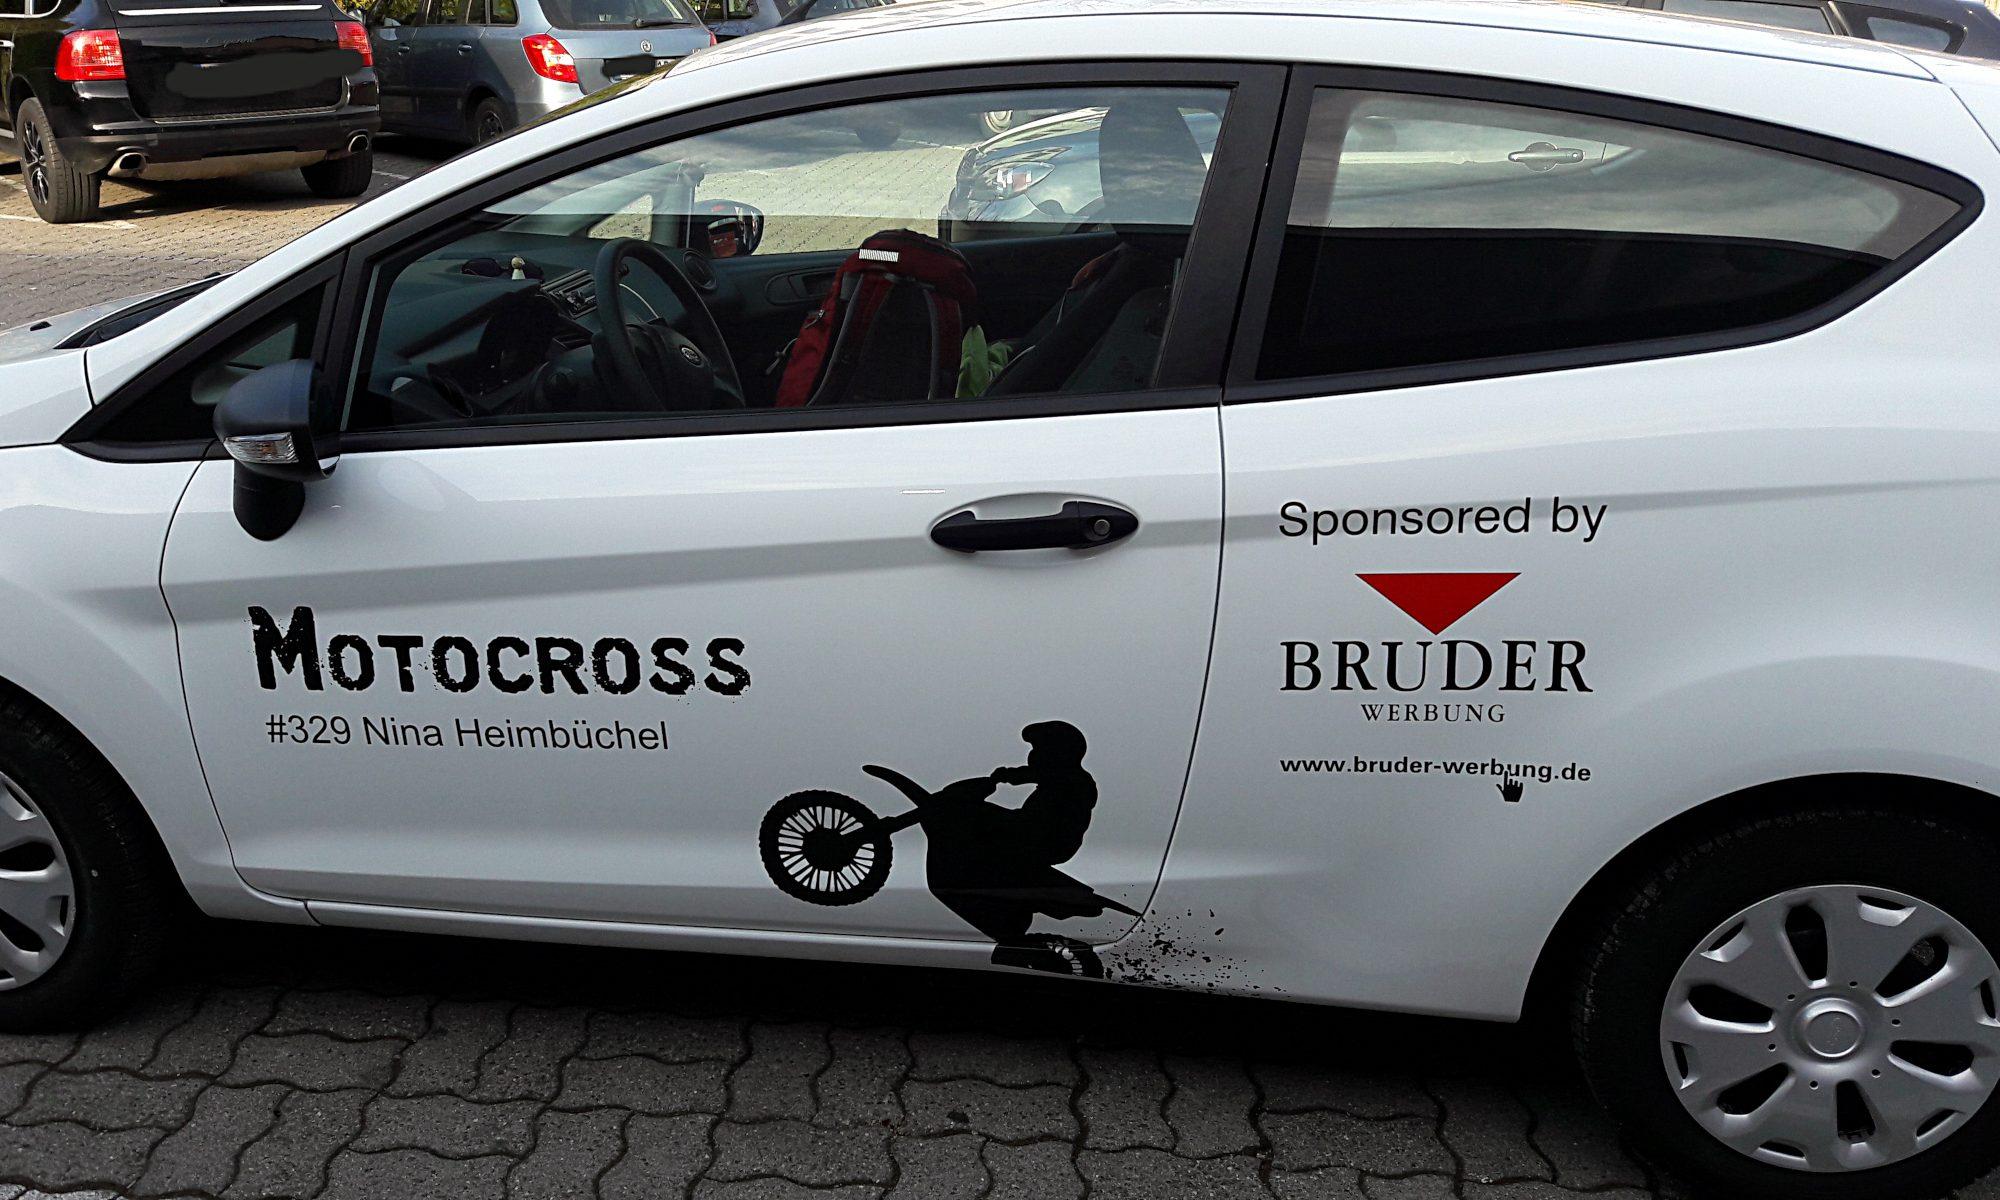 Finanzielle Faktoren und Sponsorensuche - Nina Heimbüchel - Motocross-Adventskalender - miradlo Versanddepot